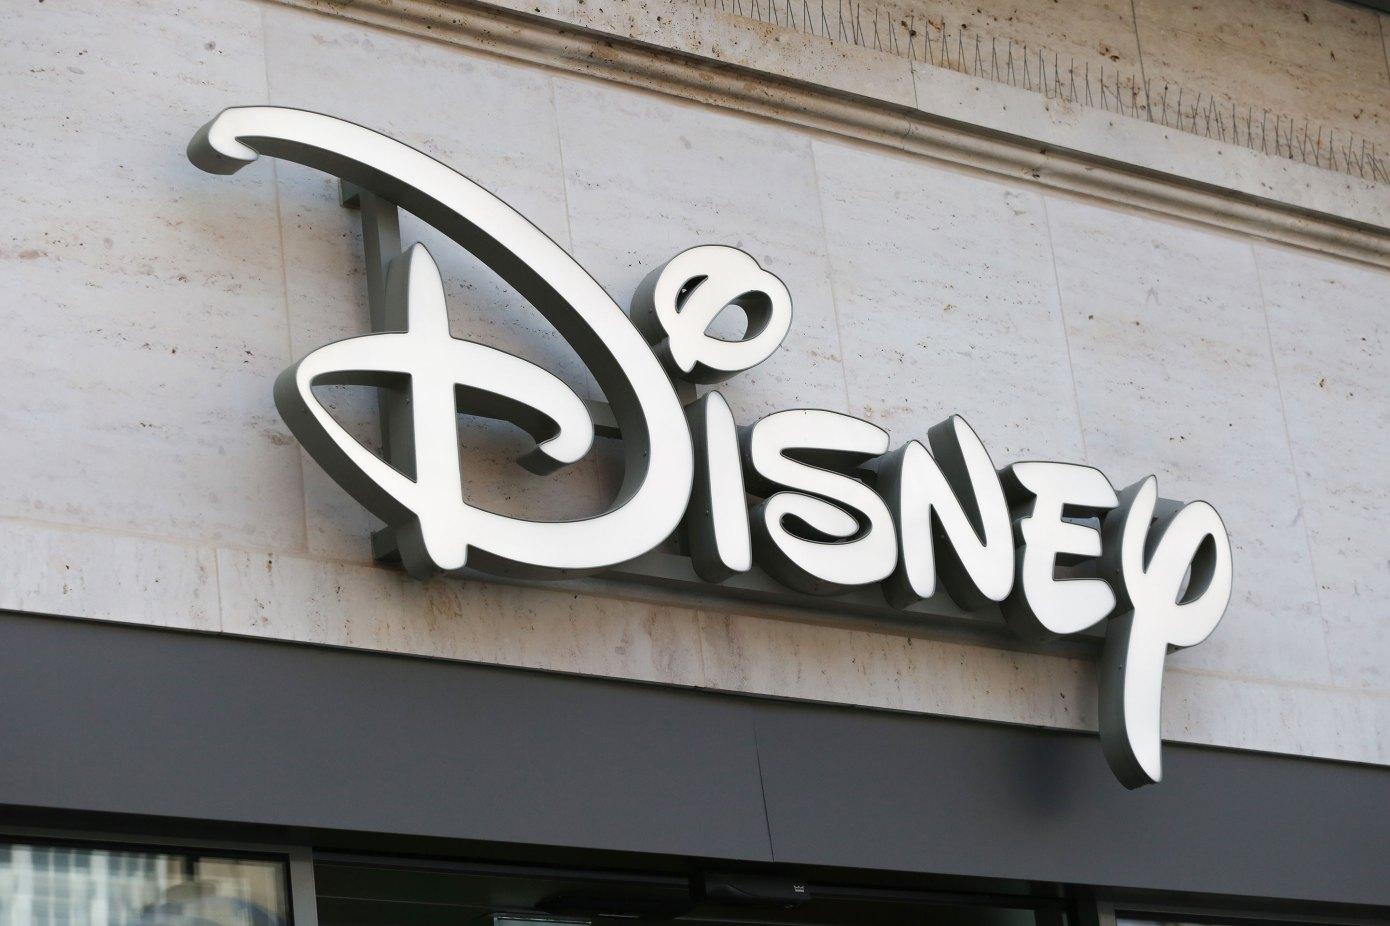 迪士尼将以每月12.99美元的价格捆绑Hulu